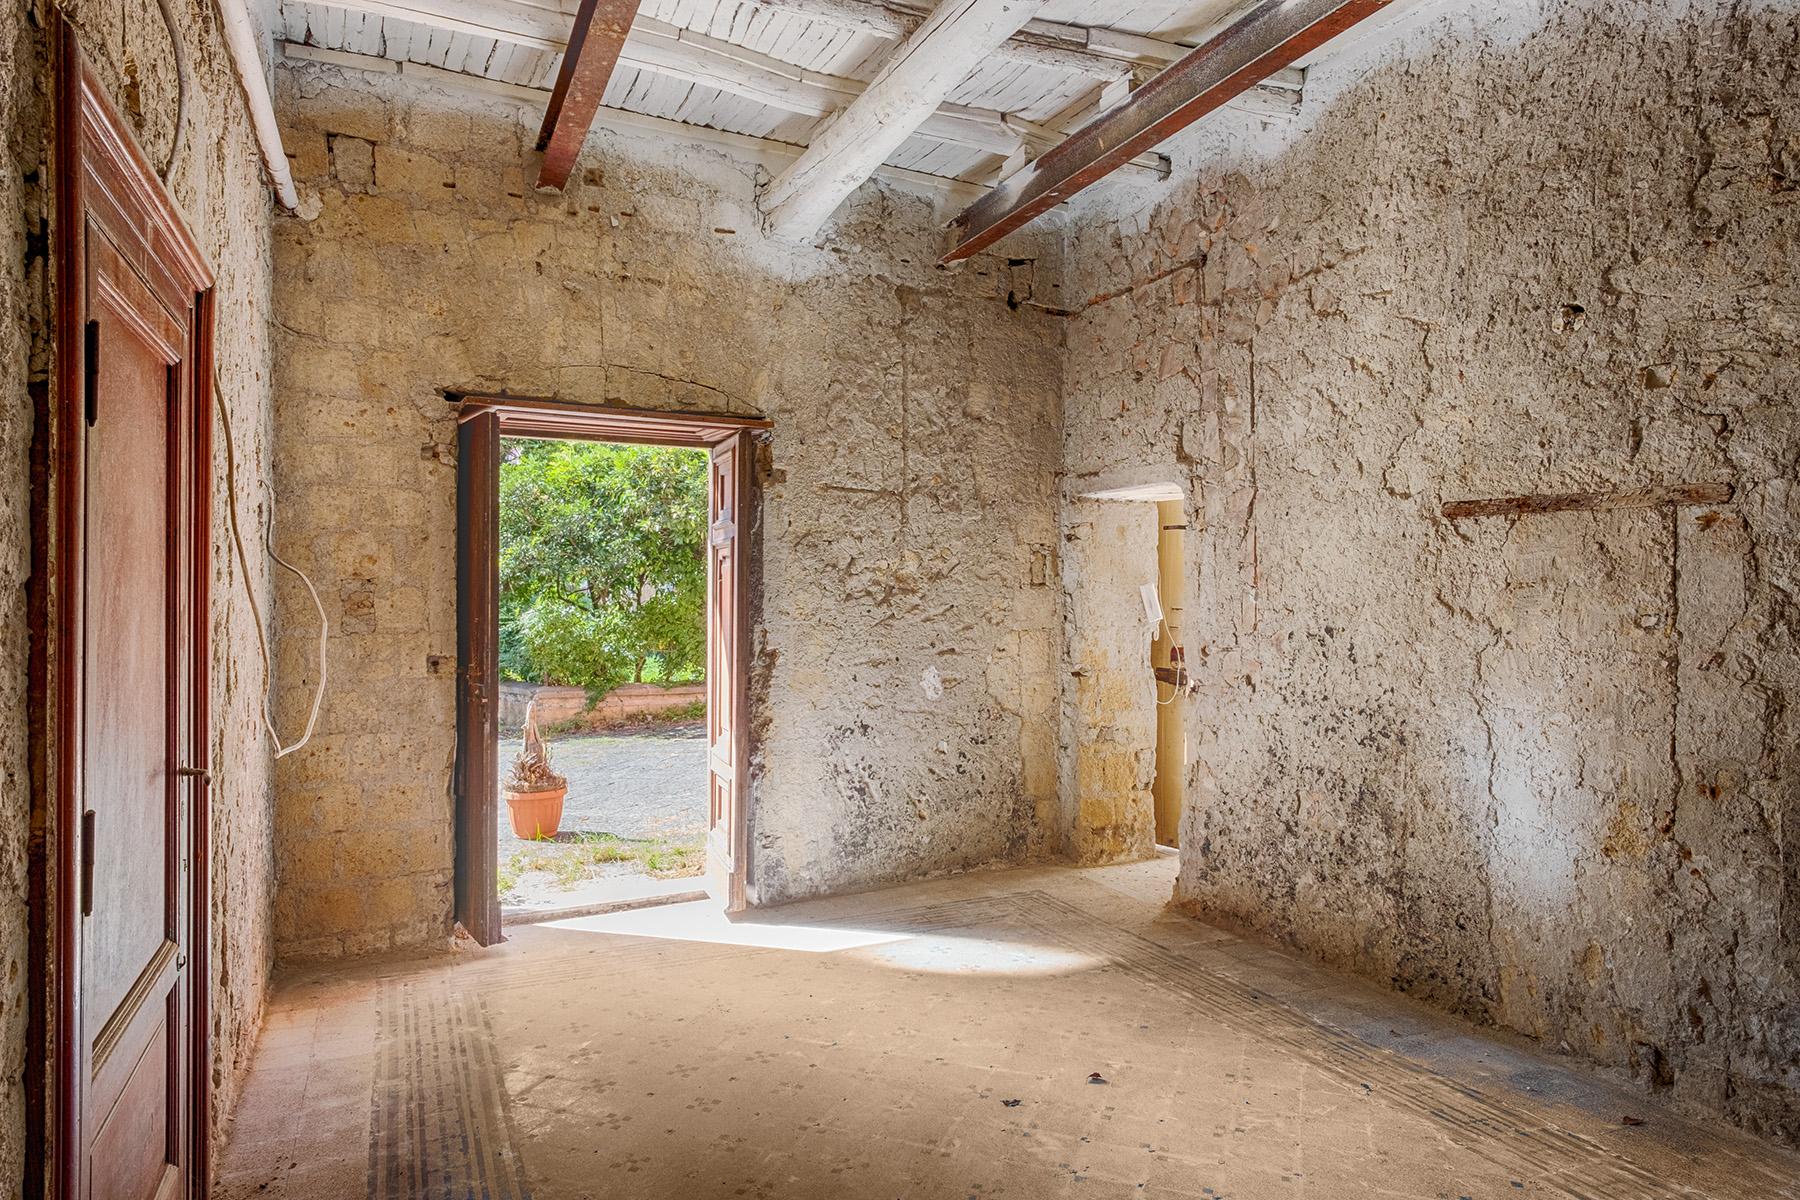 Casa indipendente in Vendita a Napoli: 5 locali, 300 mq - Foto 16